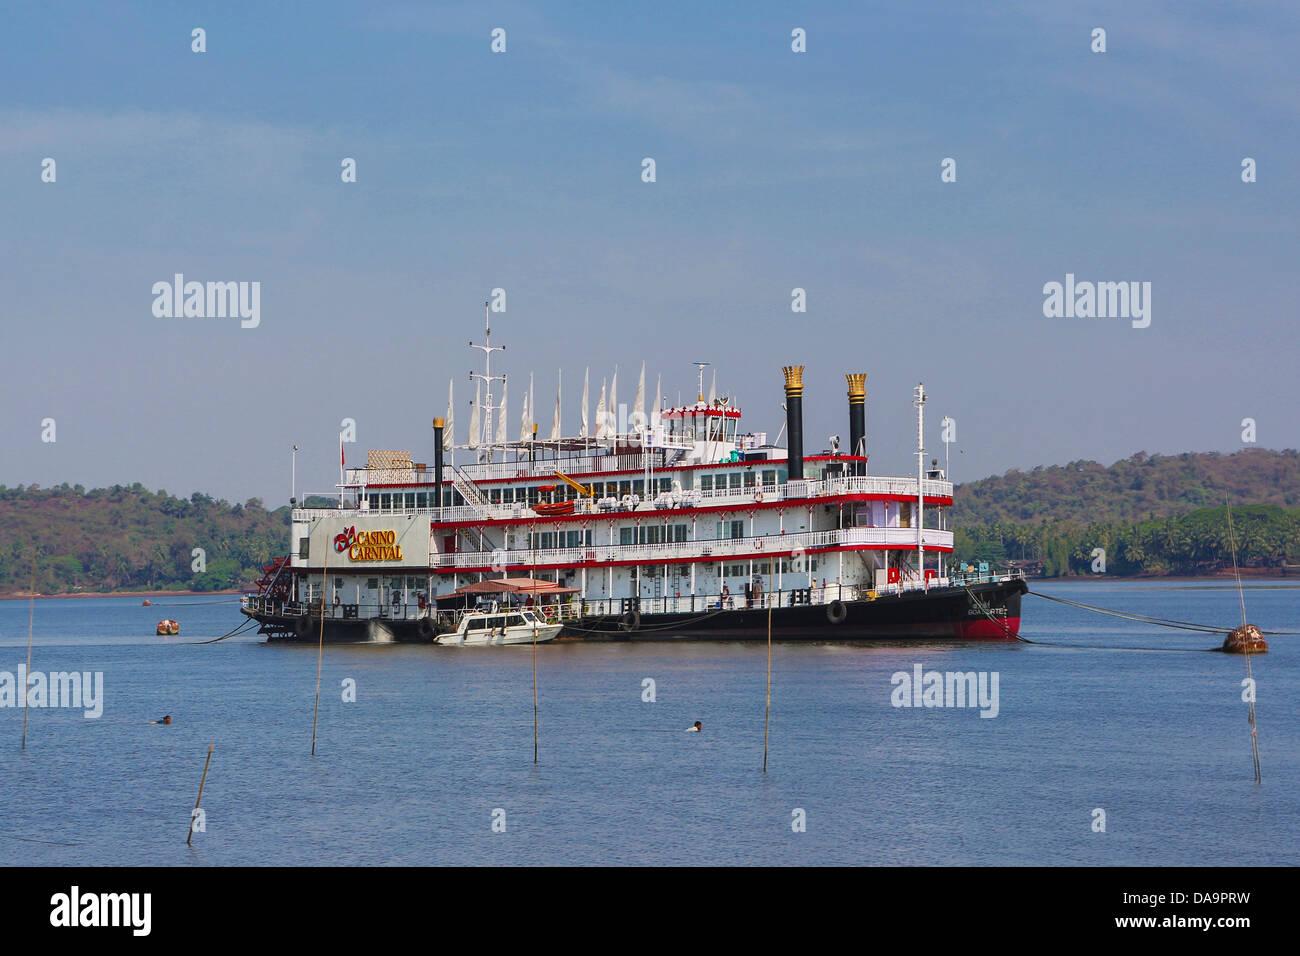 Gambling boat in tampa bally casino atlantic city